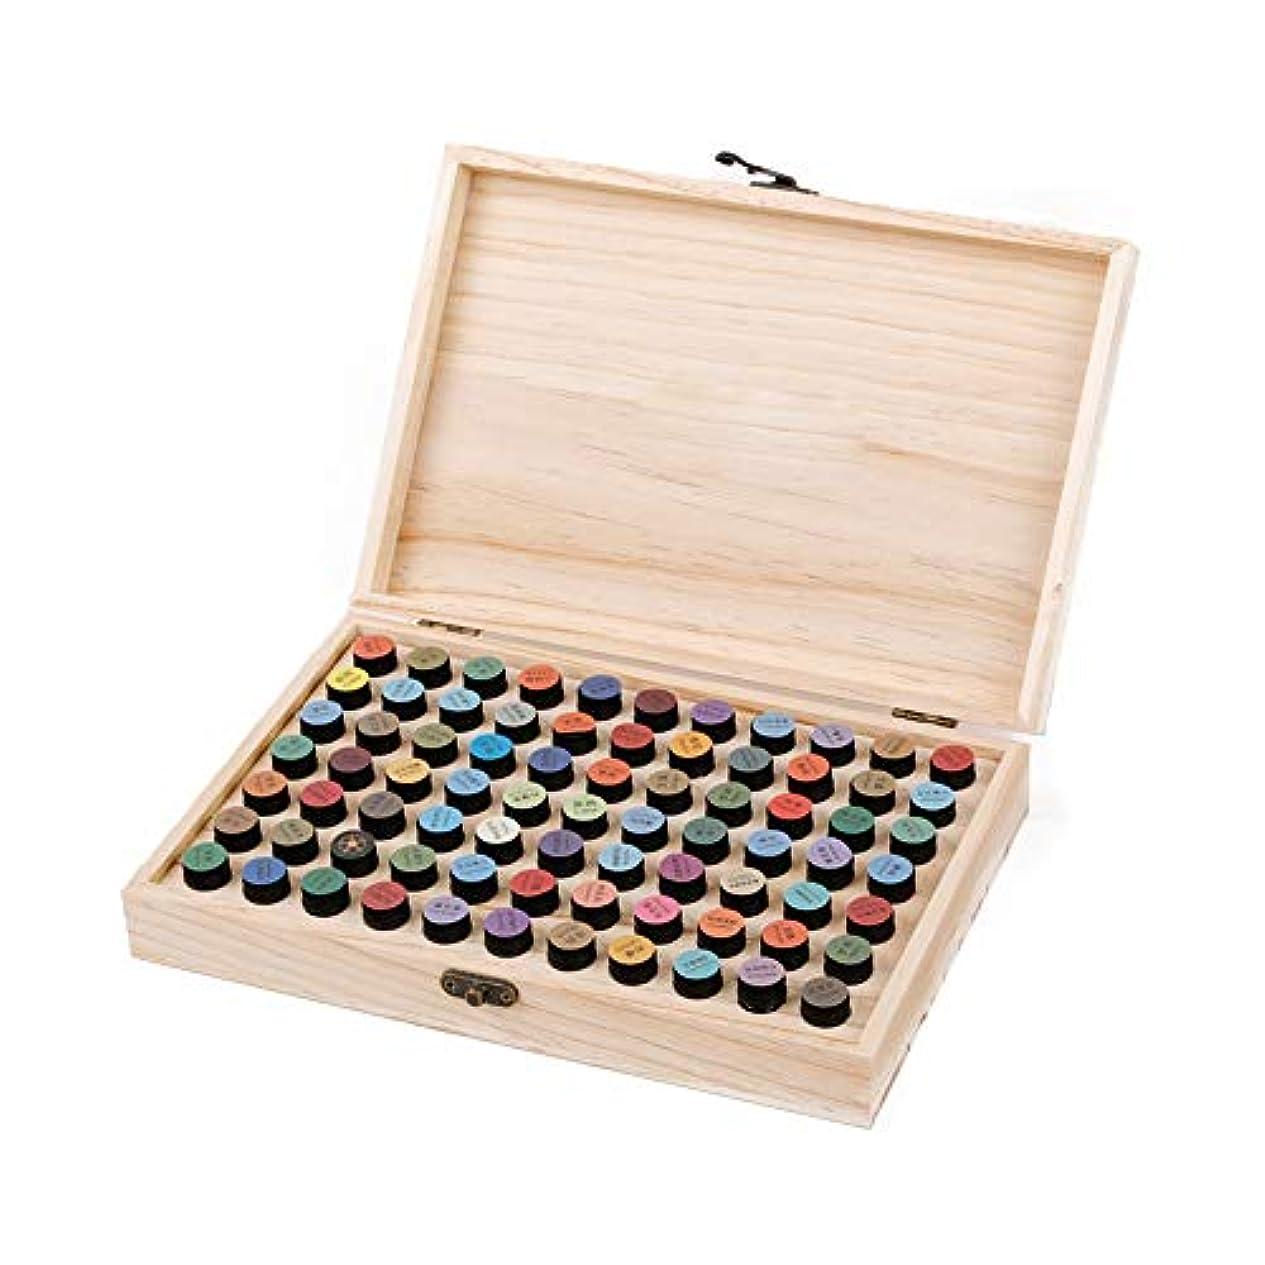 実行する連隊例外エッセンシャルオイル収納ボックス 2ミリリットルのエッセンシャルオイル木製収納ボックスあなたの貴重なエッセンシャルオイルを格納するのに適した77個のスロット 丈夫で持ち運びが簡単 (色 : Natural, サイズ :...